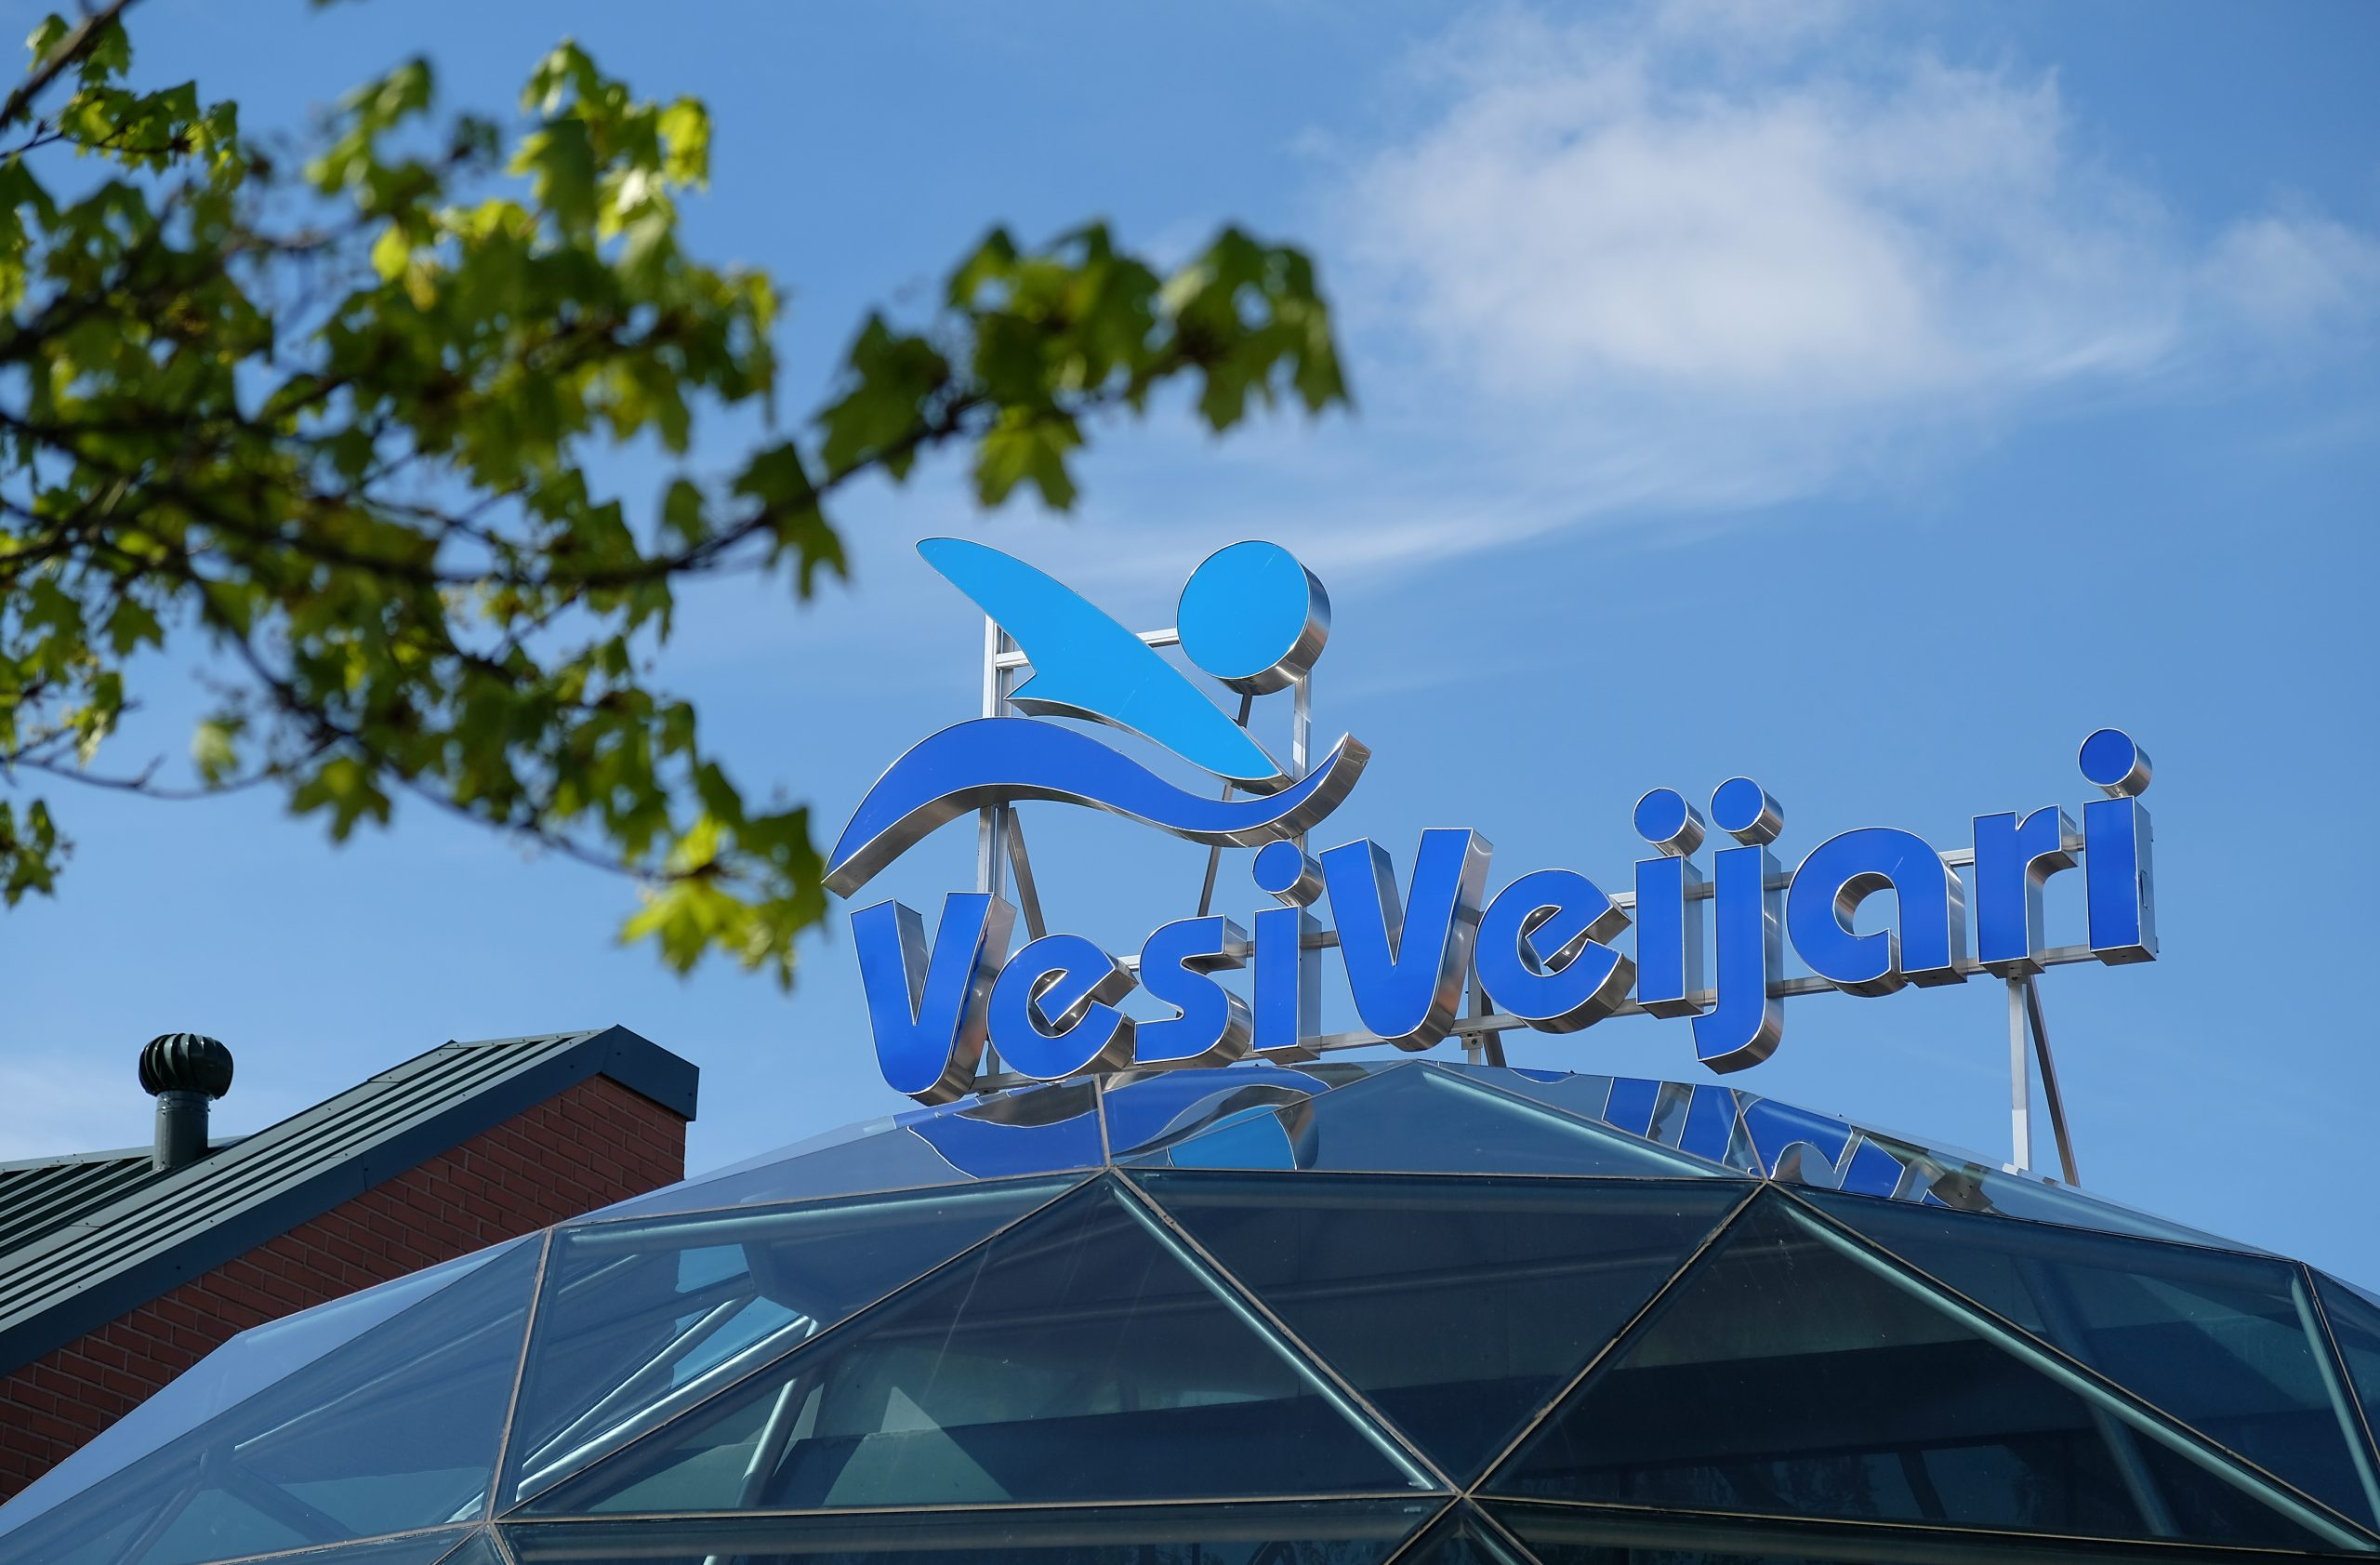 Kuvassa VesiVeijarin logo katolla ja sininen taivas